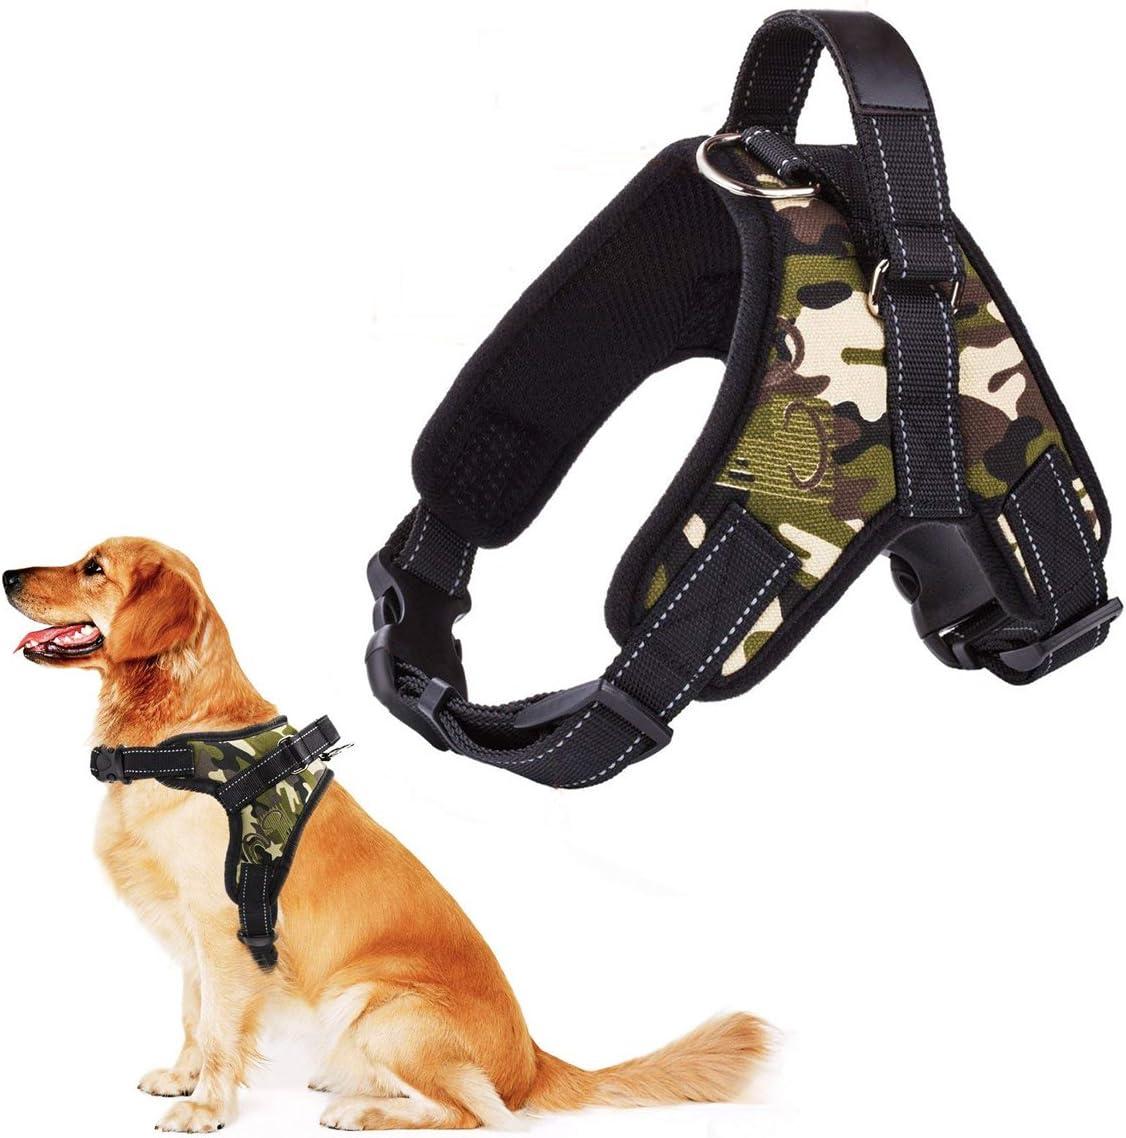 RCruning-EU Perros Pecho de Arnés Mascotas Reflectante Antitranspirante Acolchado Dog Vest Harness Ajustable Arnes Seguridad Chaleco Cabestro-Camouflage Green-M